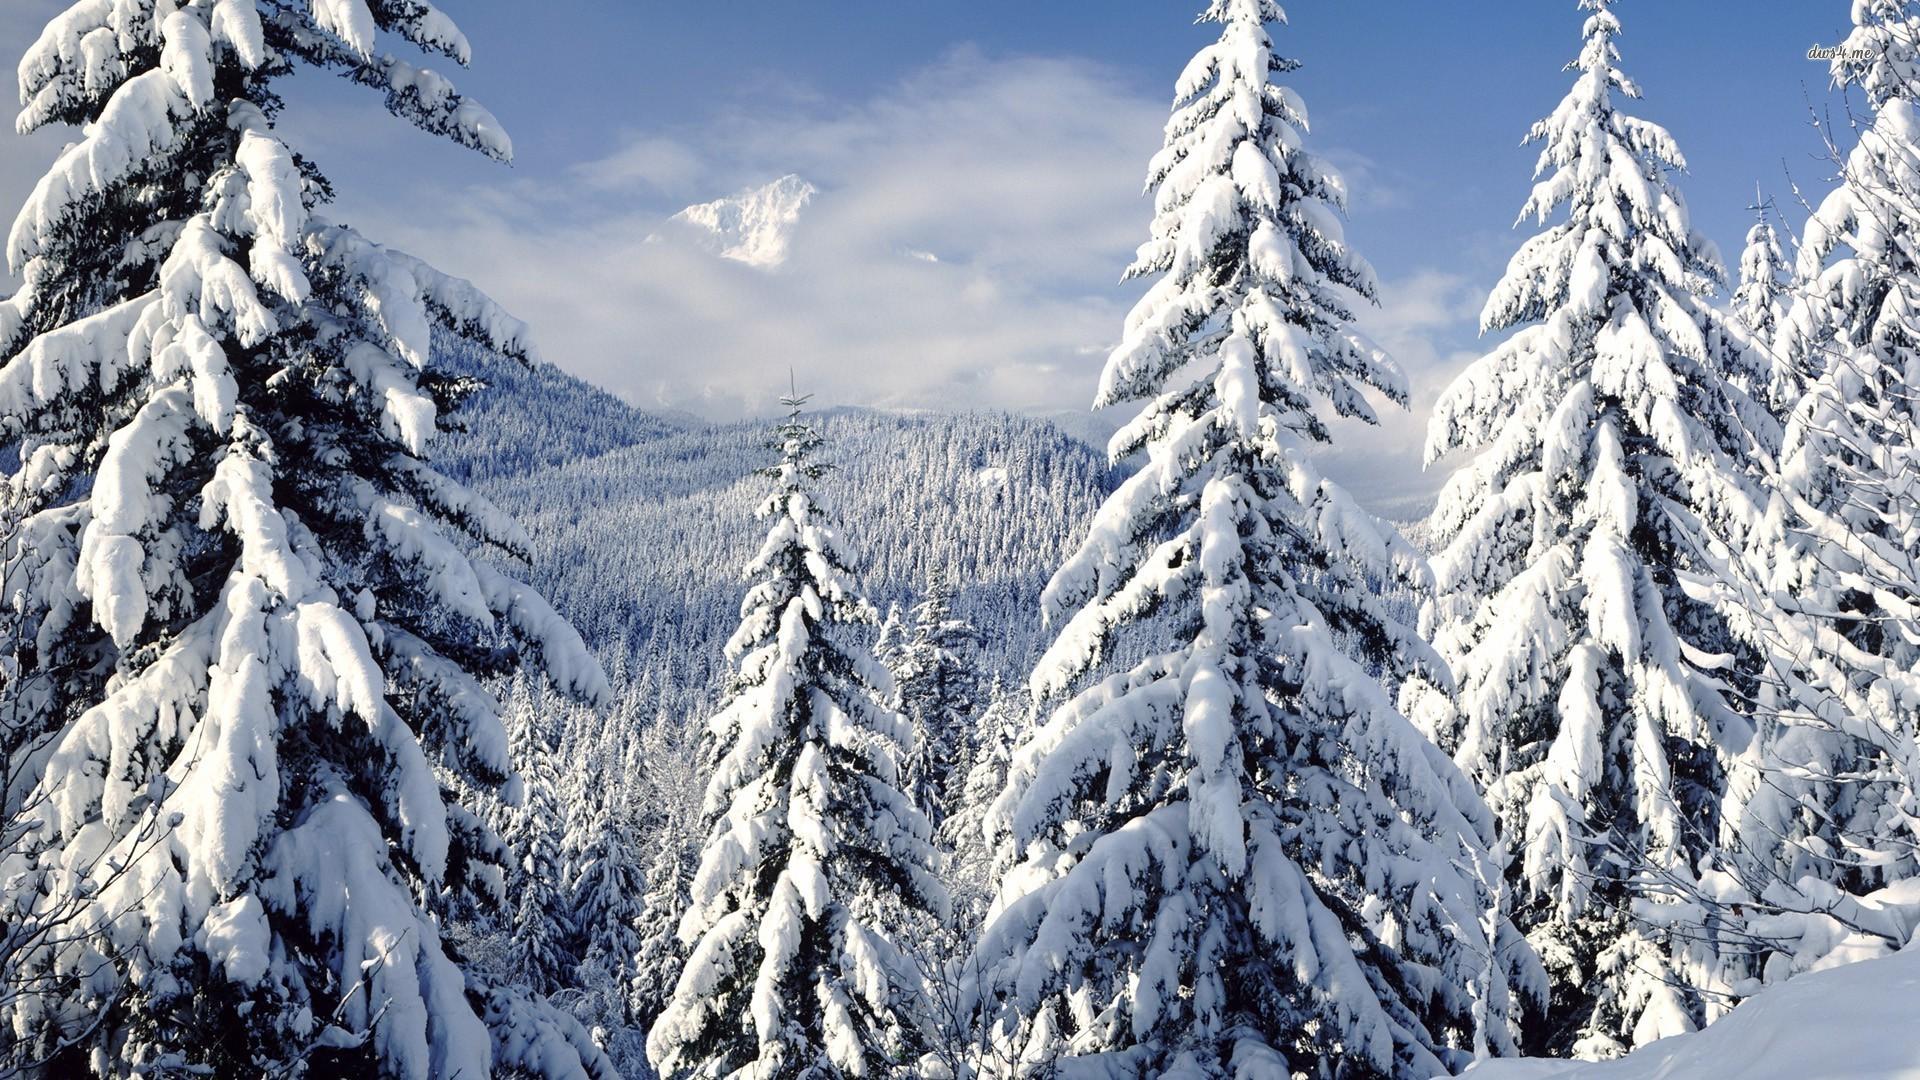 Snowy Trees 1920x1080